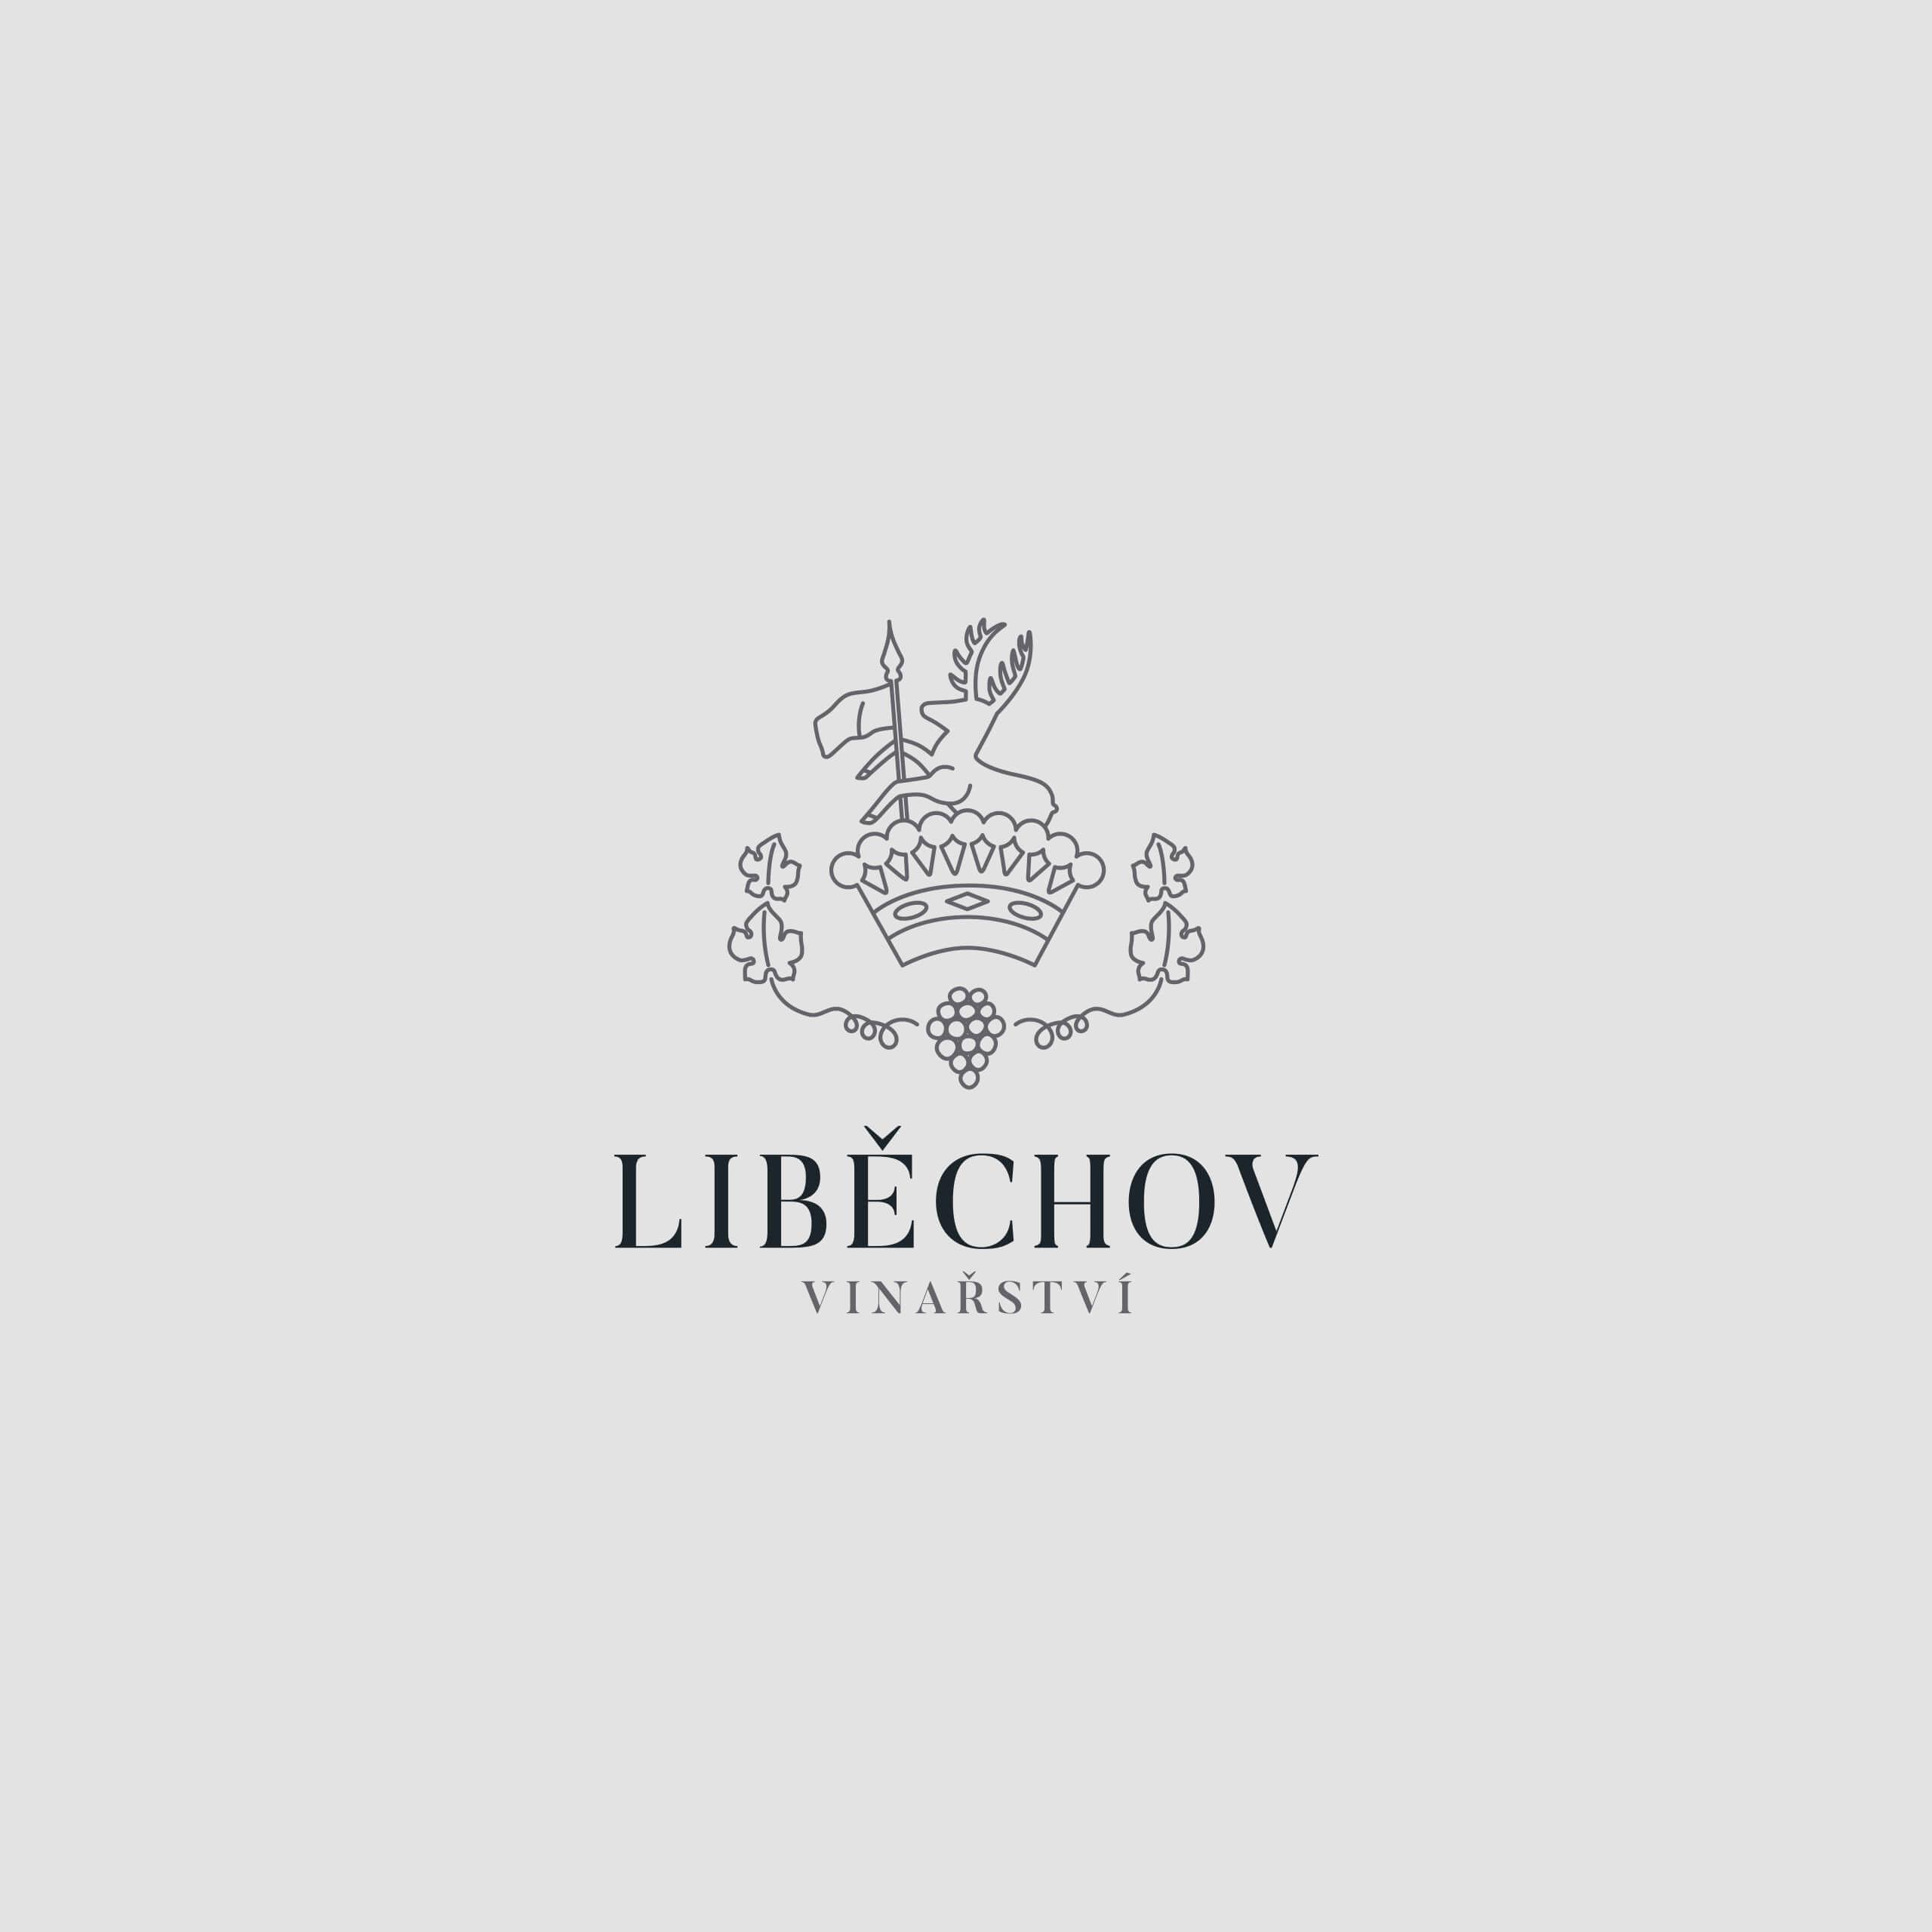 libechov-ver2-11